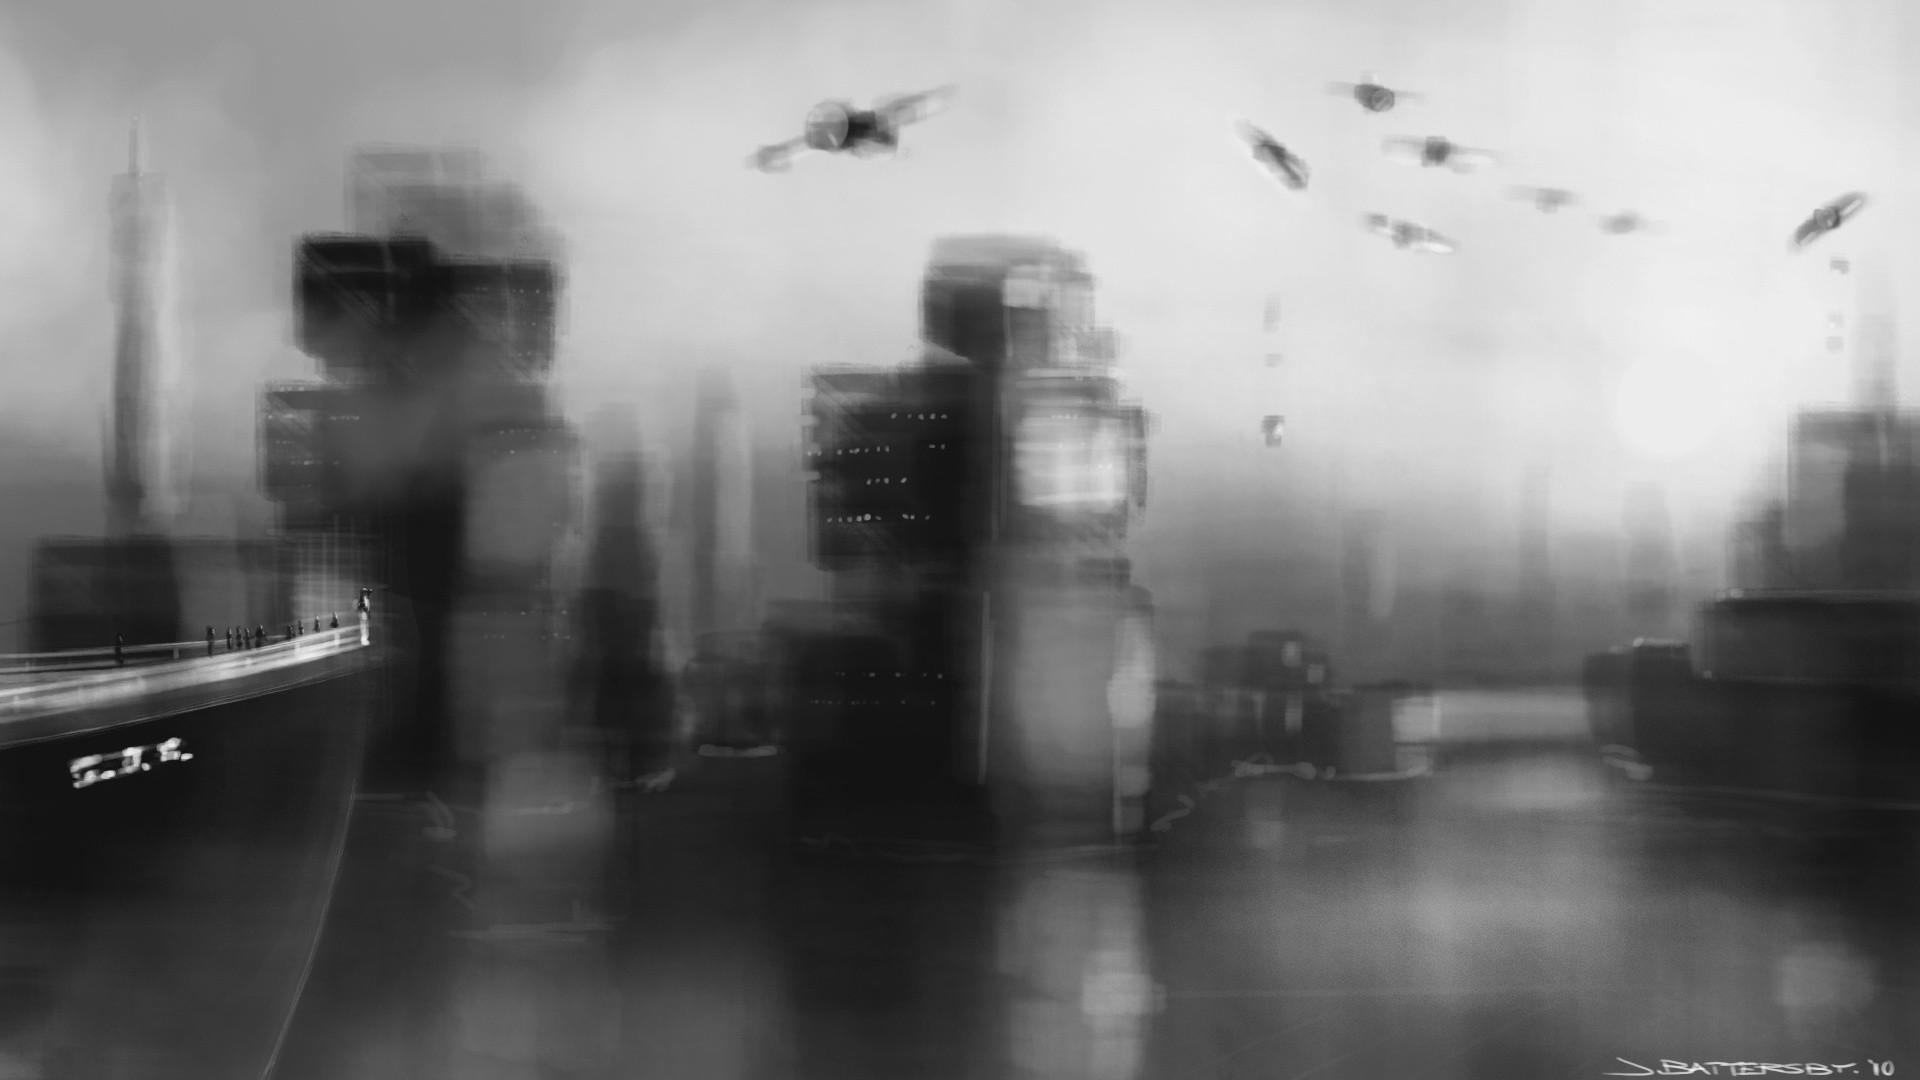 Wallpaper Gravity Falls Hd Sfondi Tumblr Bianco E Nero 62 Immagini